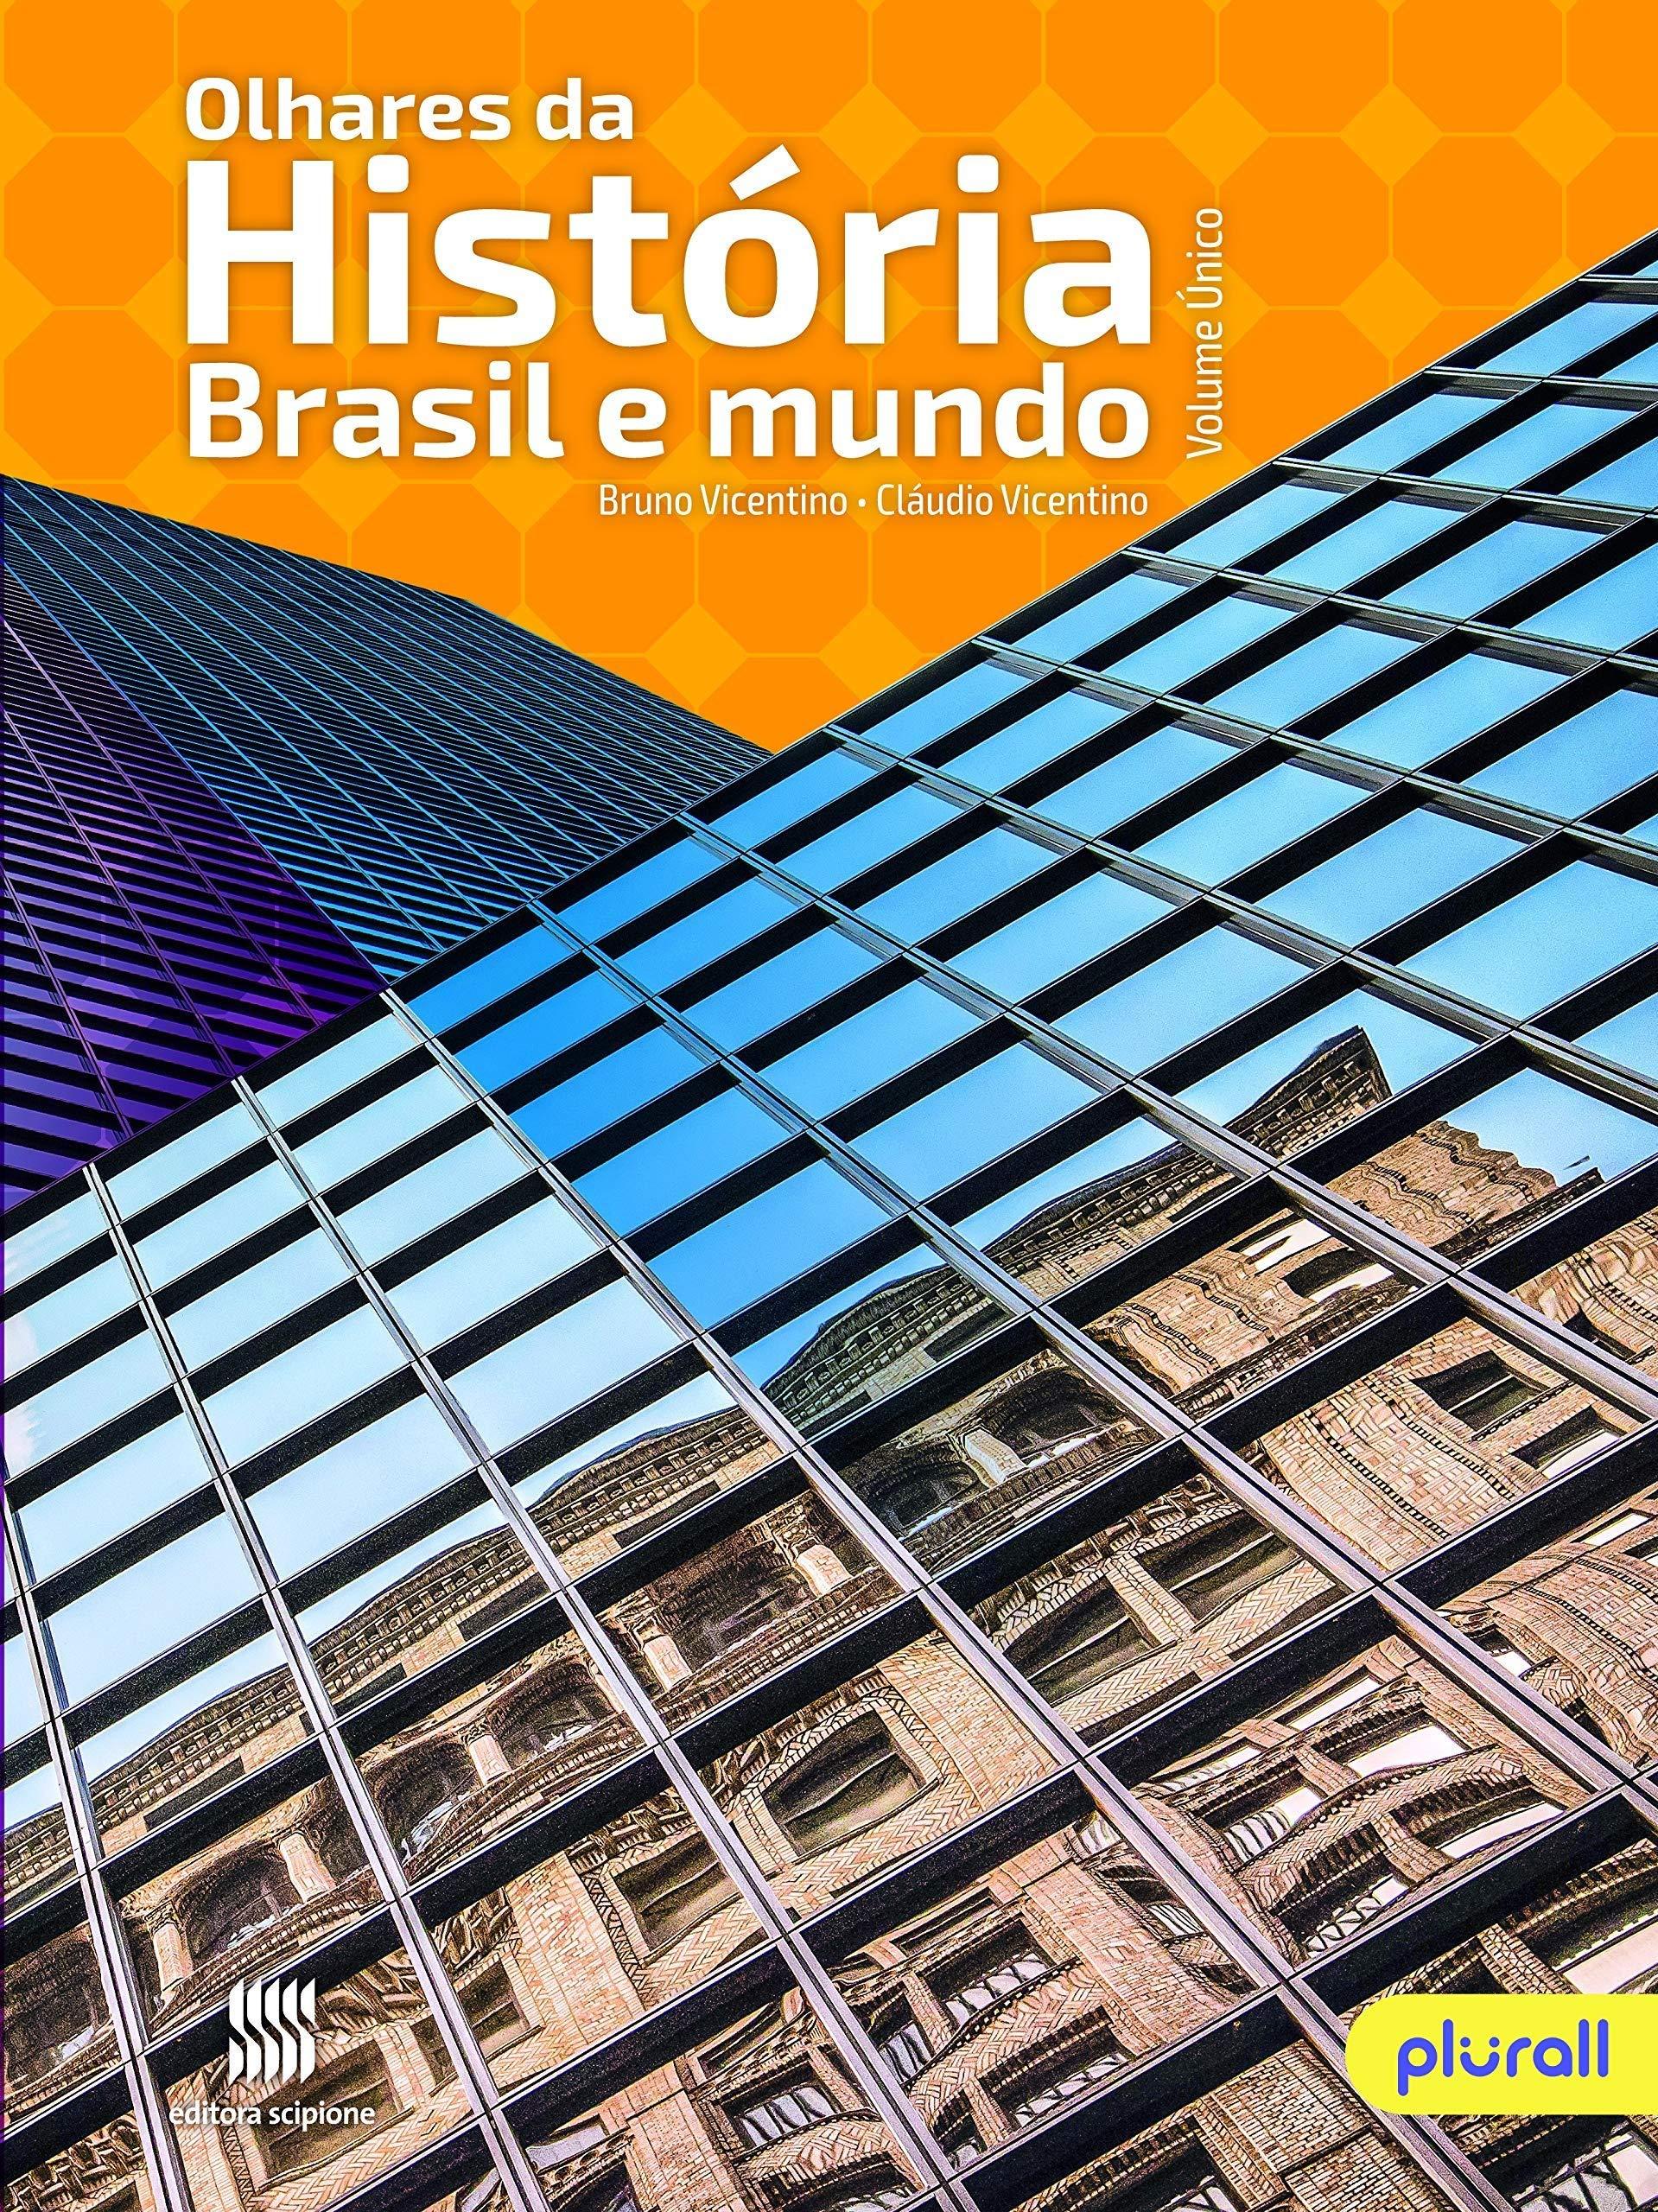 Olhares da História (Antigo Hgb): Amazon.es: Cláudio Vicentino e Bruno Vicentino: Libros